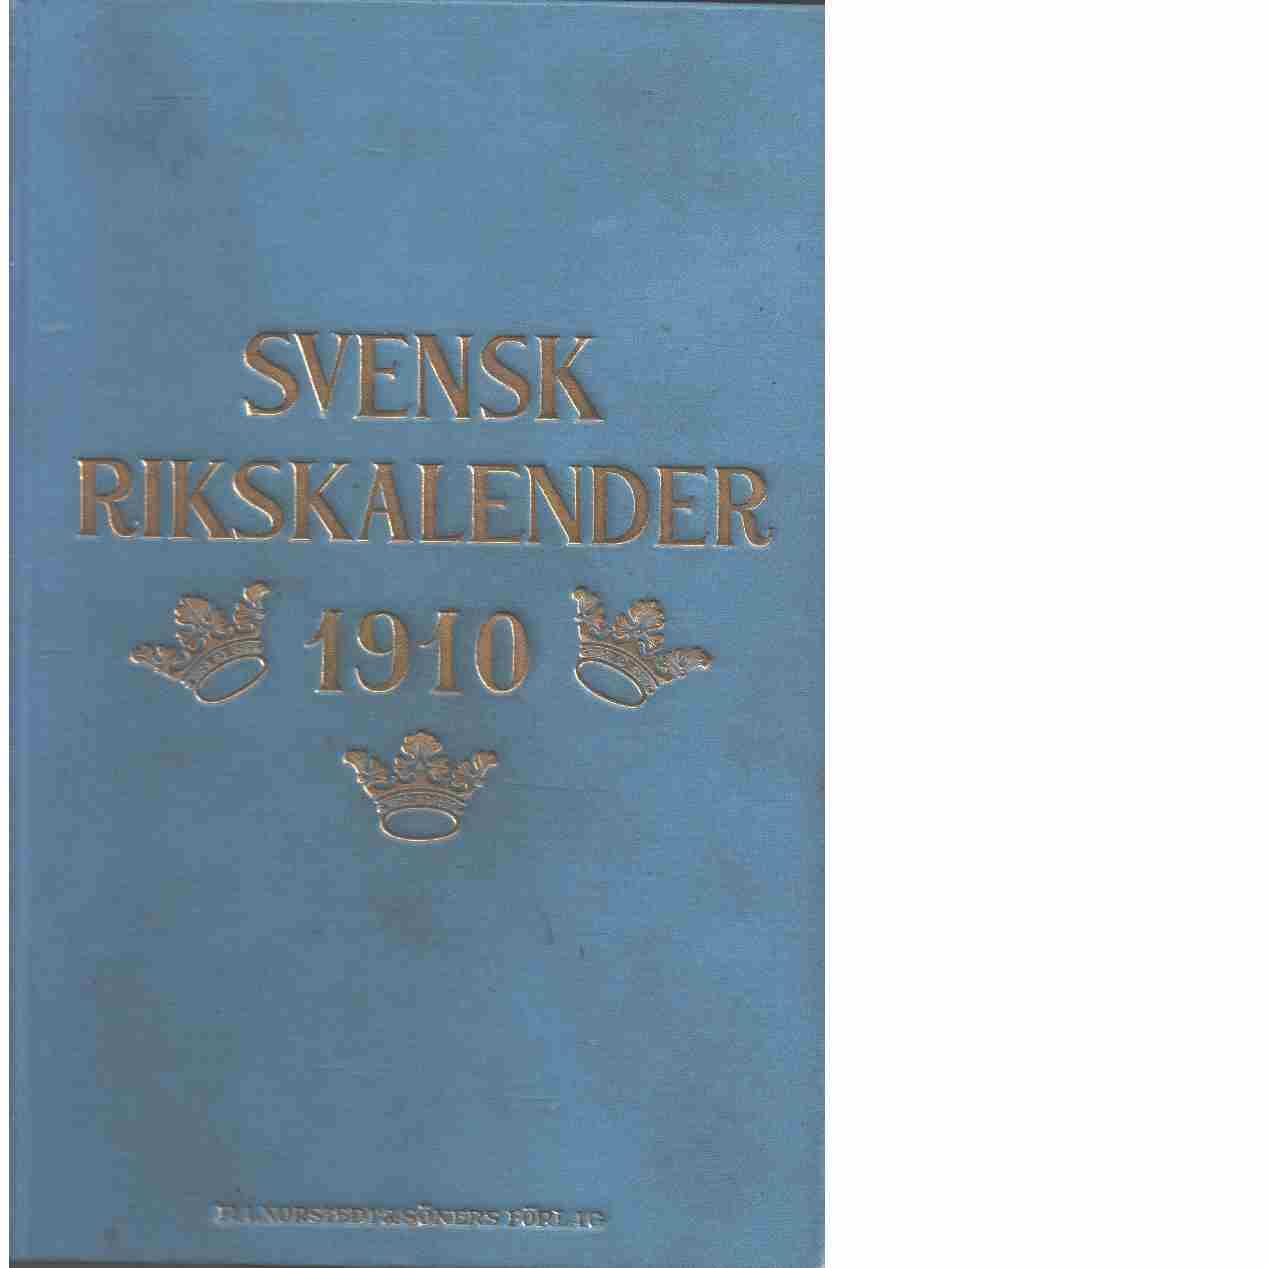 Svensk rikskalender 1910 - Red.